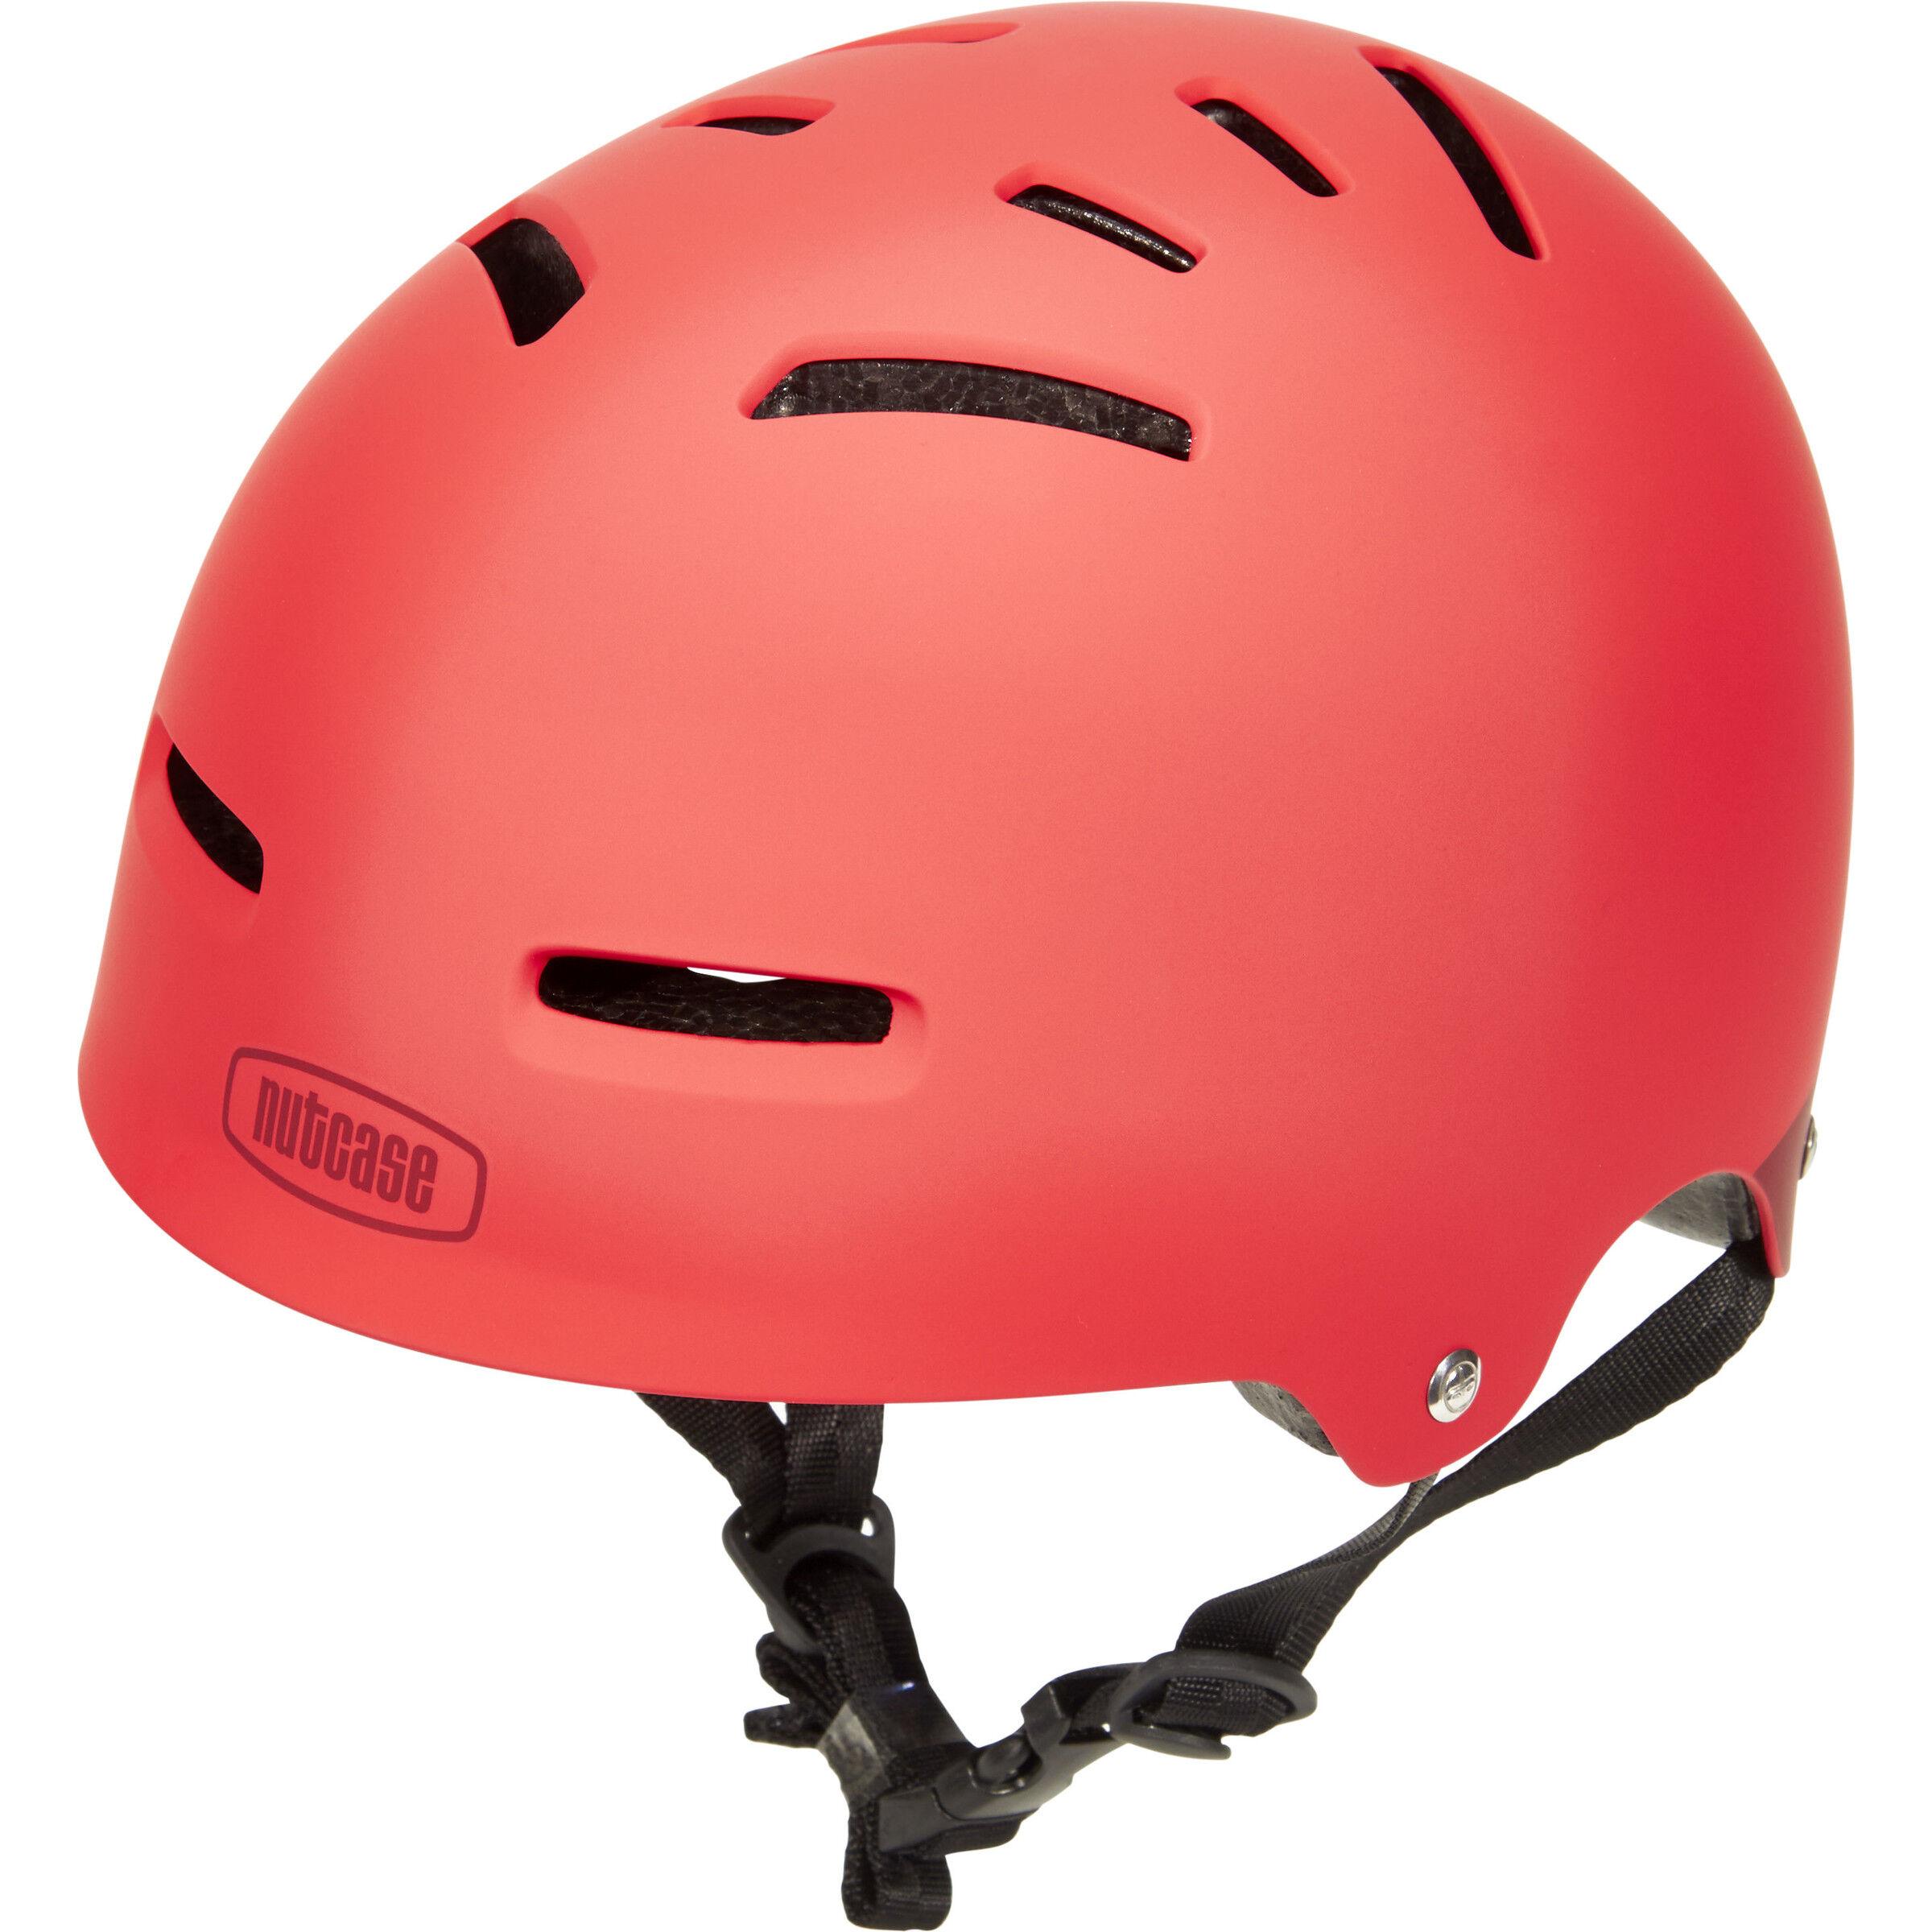 Nutcase Street Helmet beach bound 2019 Fahrradhelm weiß bunt Radsport